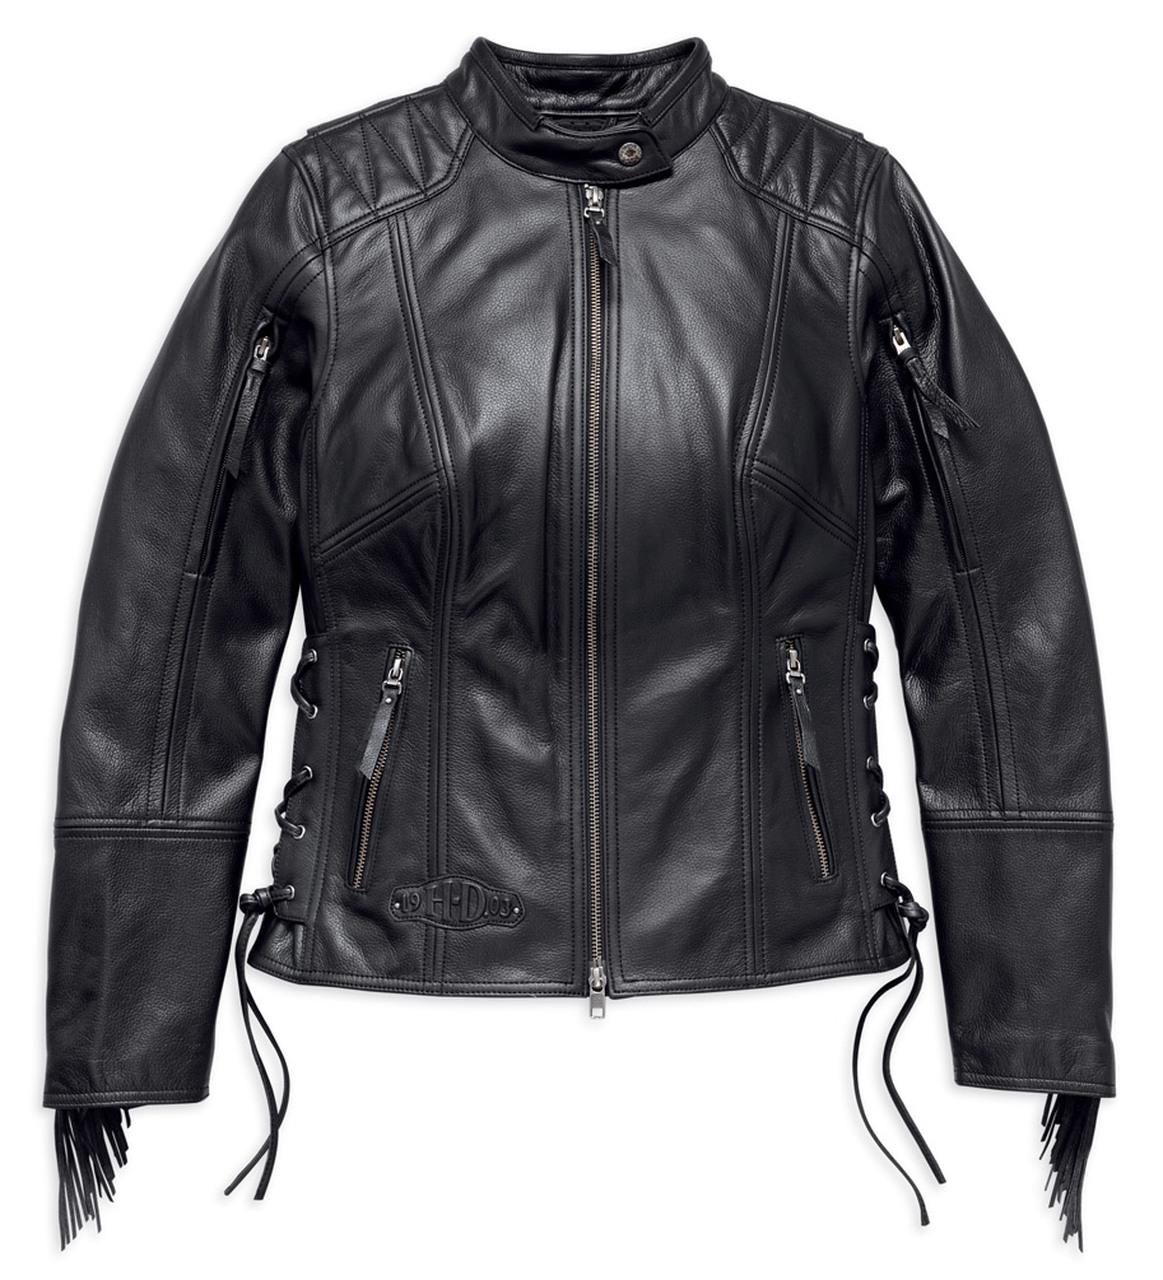 Harley Davidson Boone fringed leather jacket women's, black